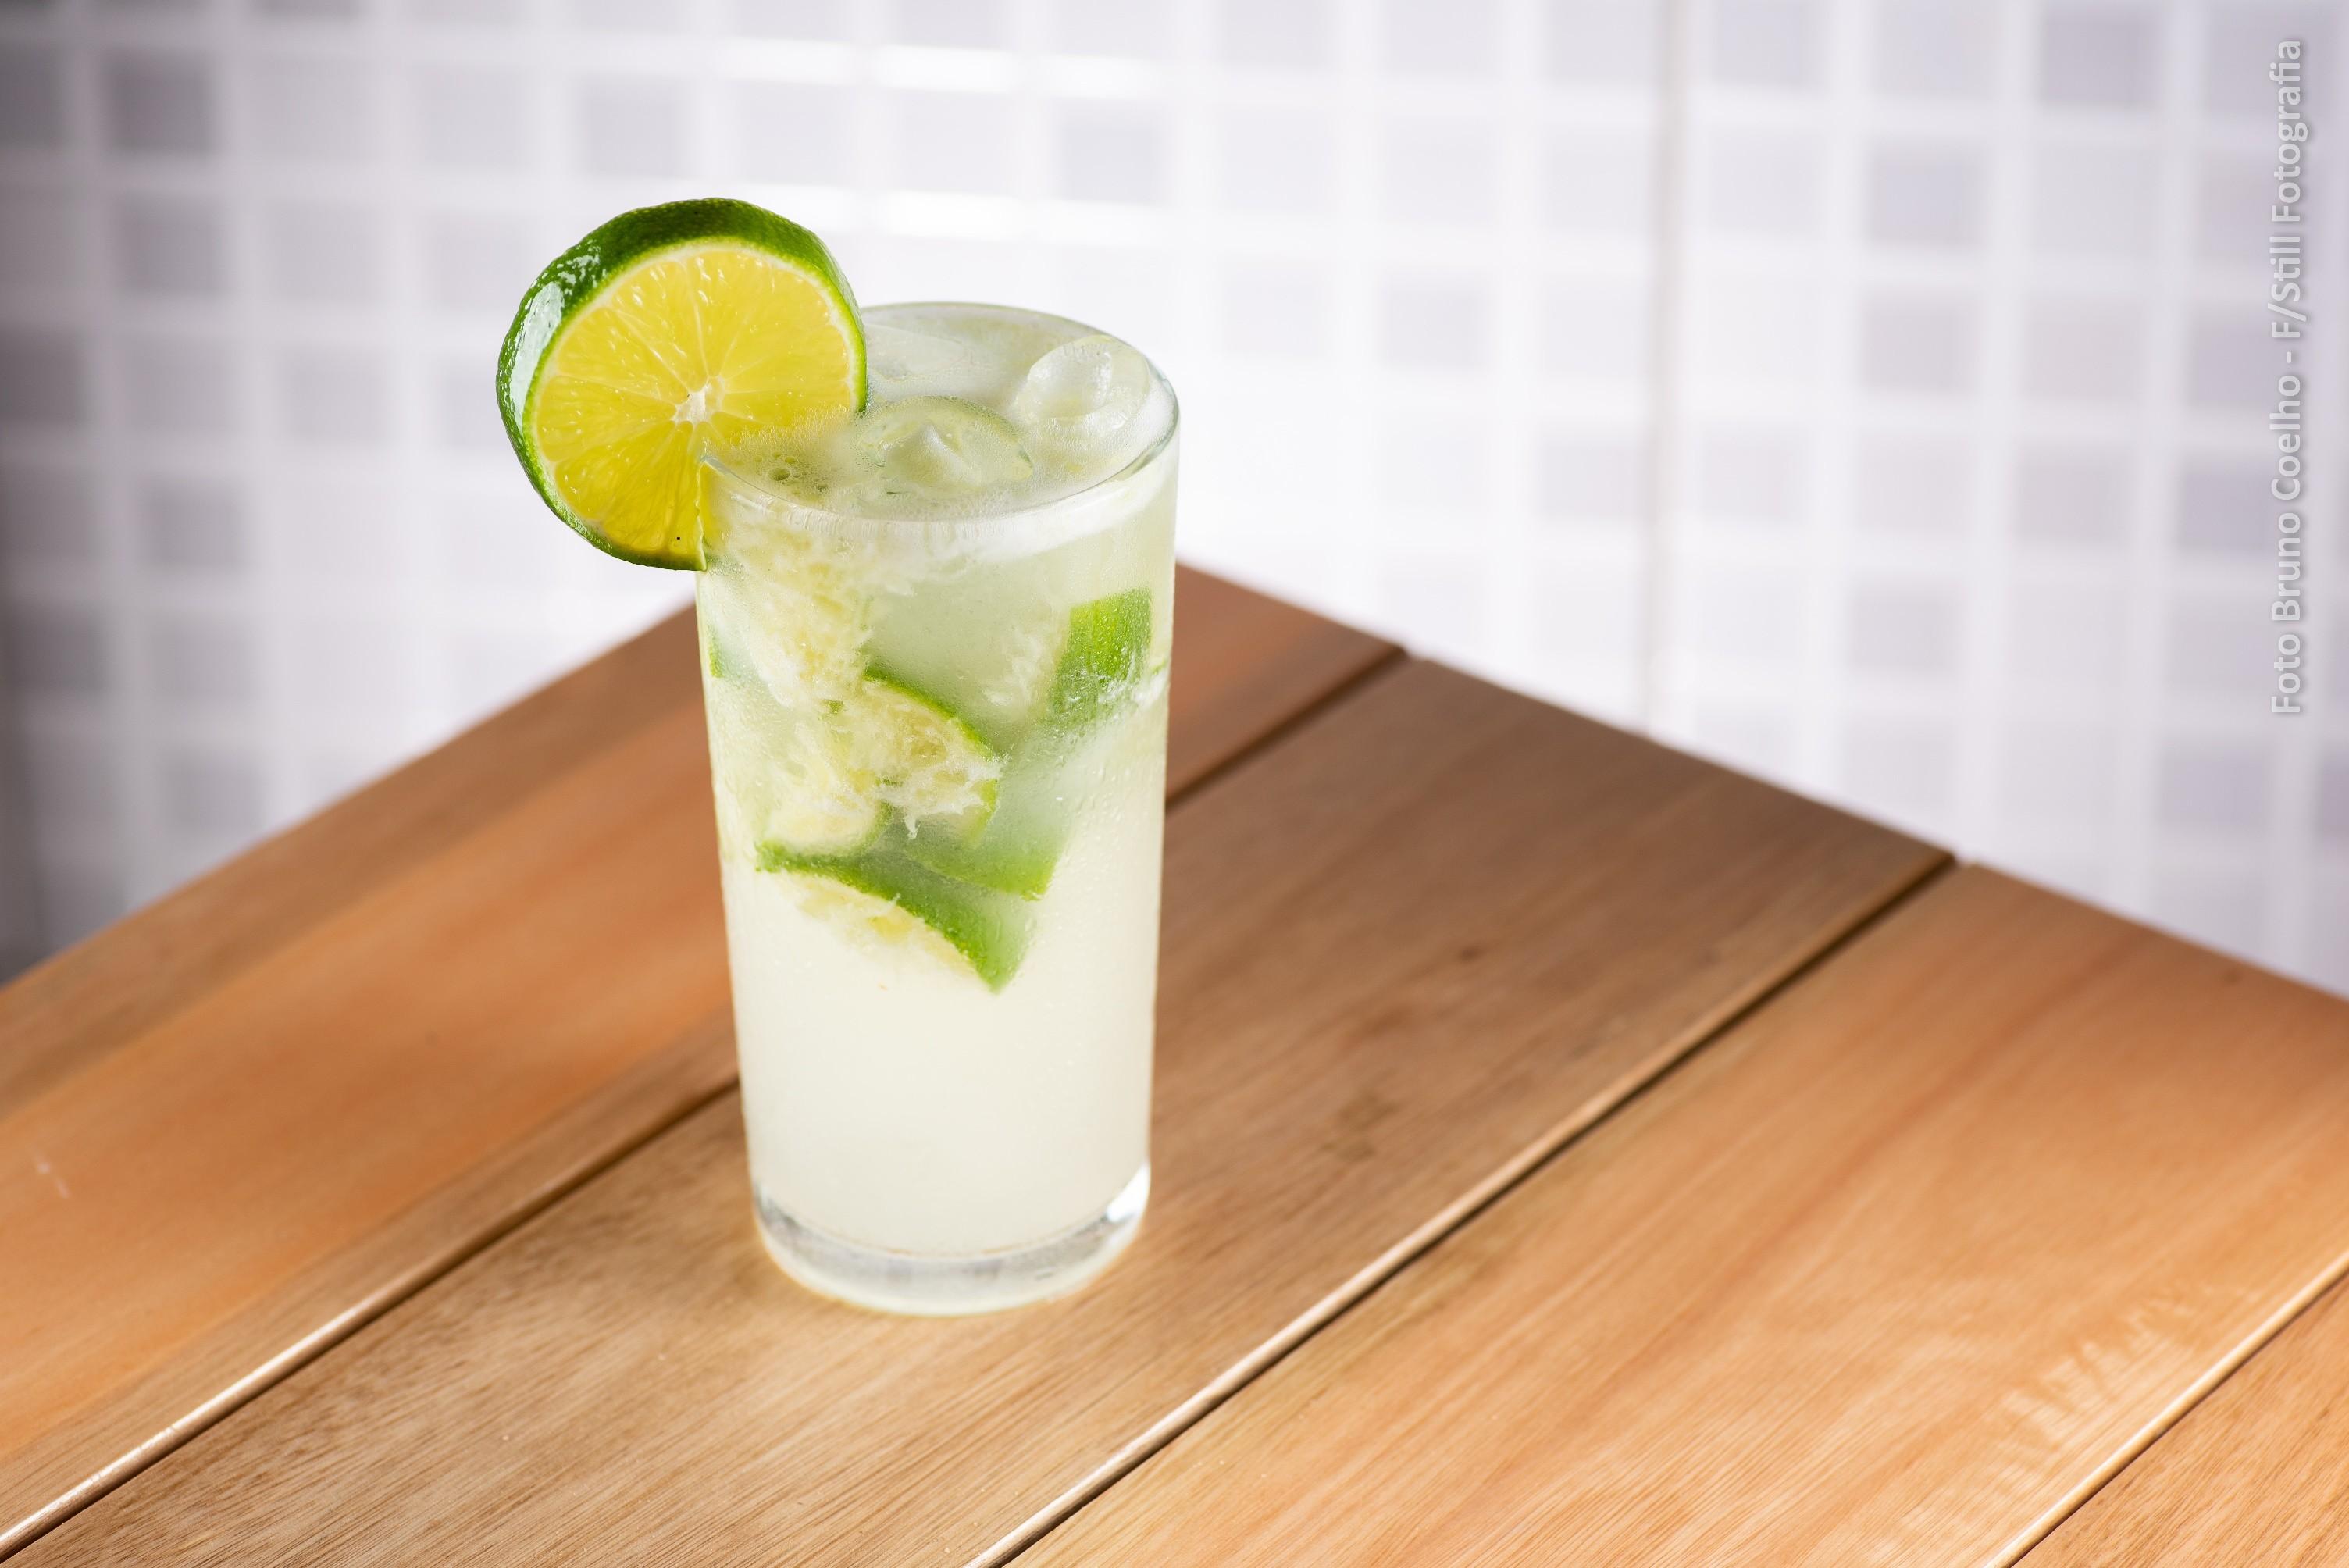 Para reduzir plástico, bar oferece desconto em caipirinha a cliente que levar o próprio copo - Notícias - Plantão Diário